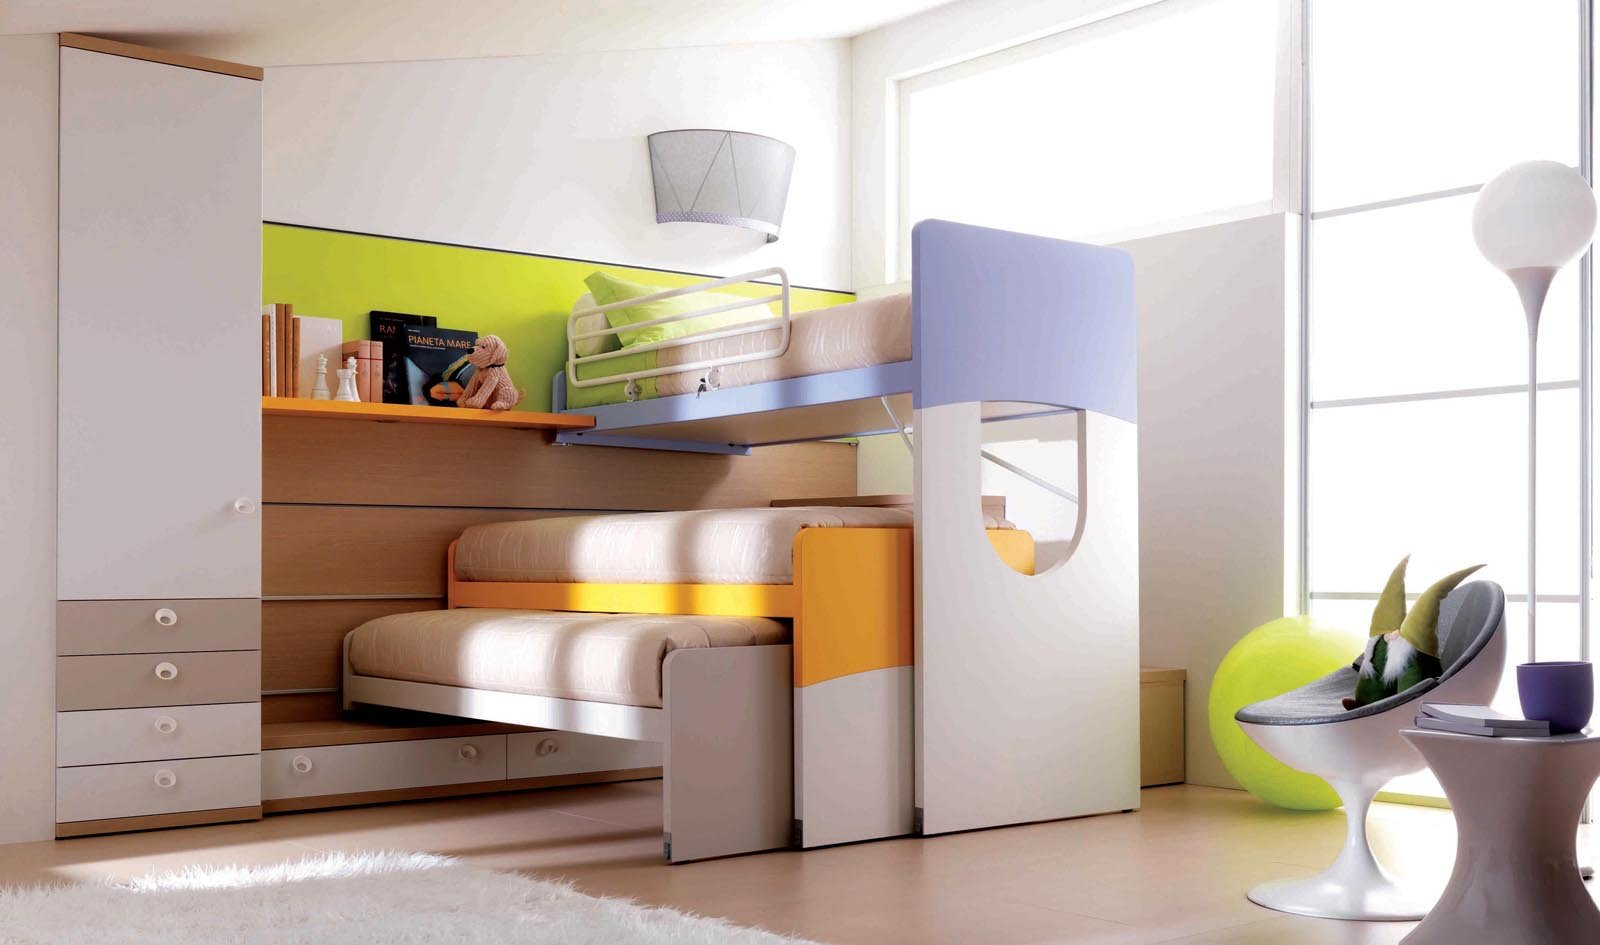 Camerette funzionalit a misura di bambino cose di casa for Piani casa 6 camere da letto